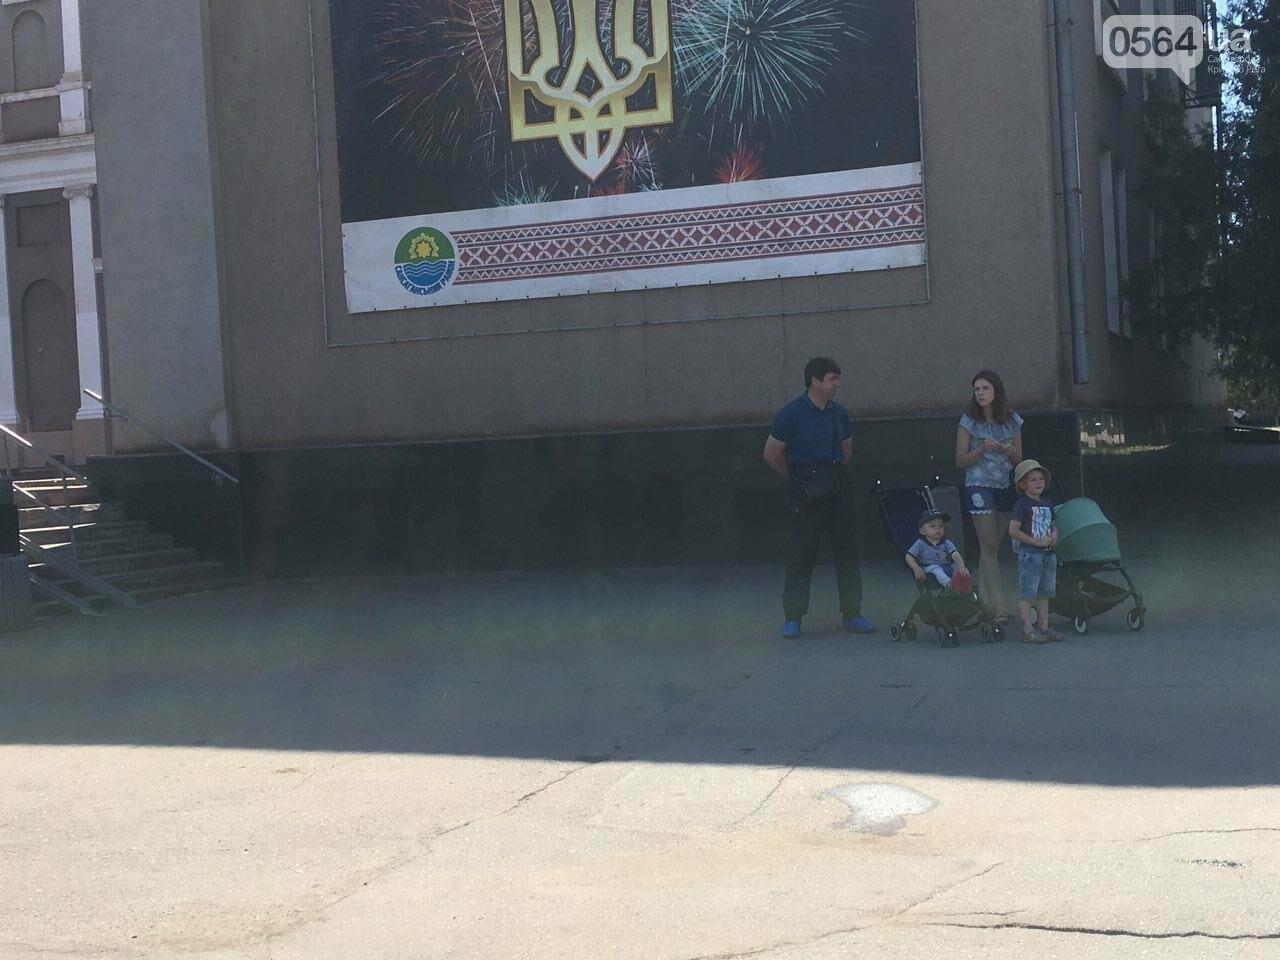 В Кривом Роге готовят площадь для установки памятника Киевскому князю Владимиру Великому, - ФОТО, фото-13